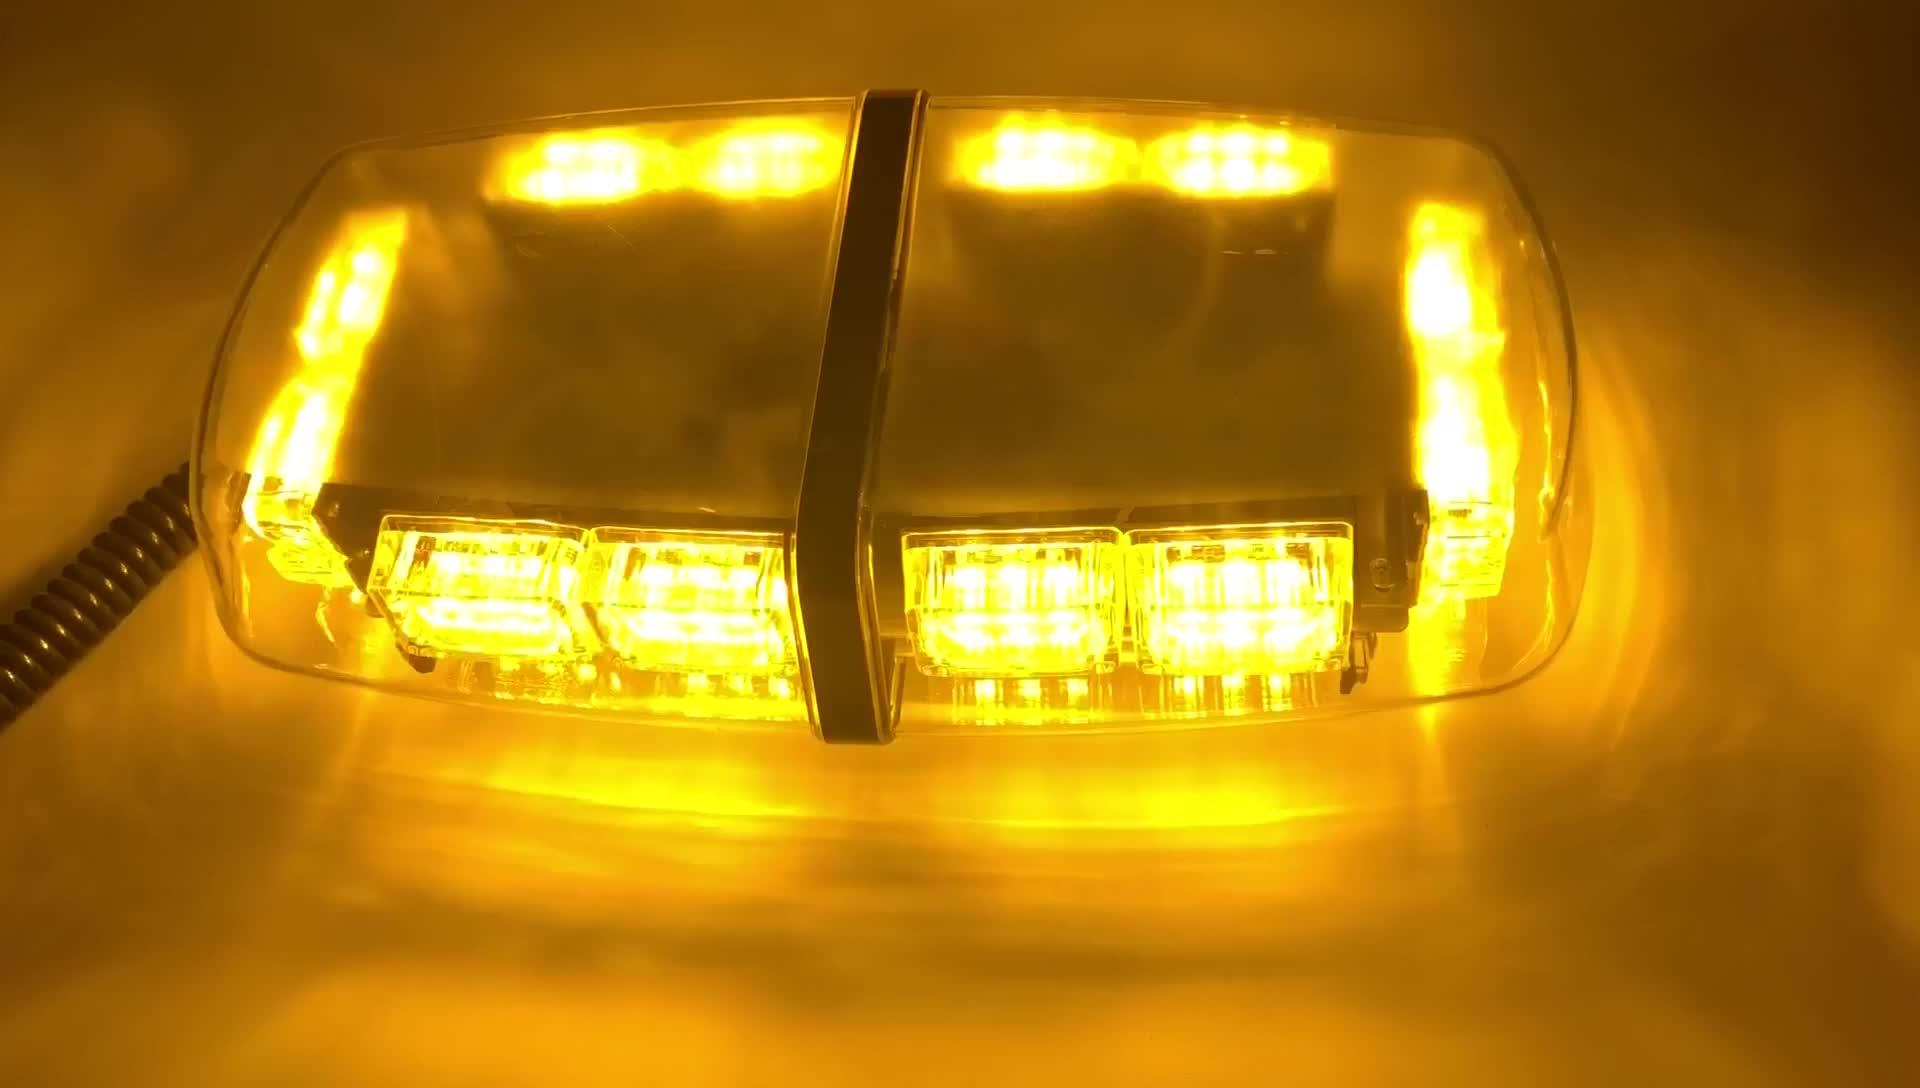 HTAUTO Hổ Phách 36 LED 18 Watts Nguy Hiểm Cảnh Báo LED Mini Bar Nhấp Nháy Khẩn Cấp cho Xe với Cơ Sở Từ Tính